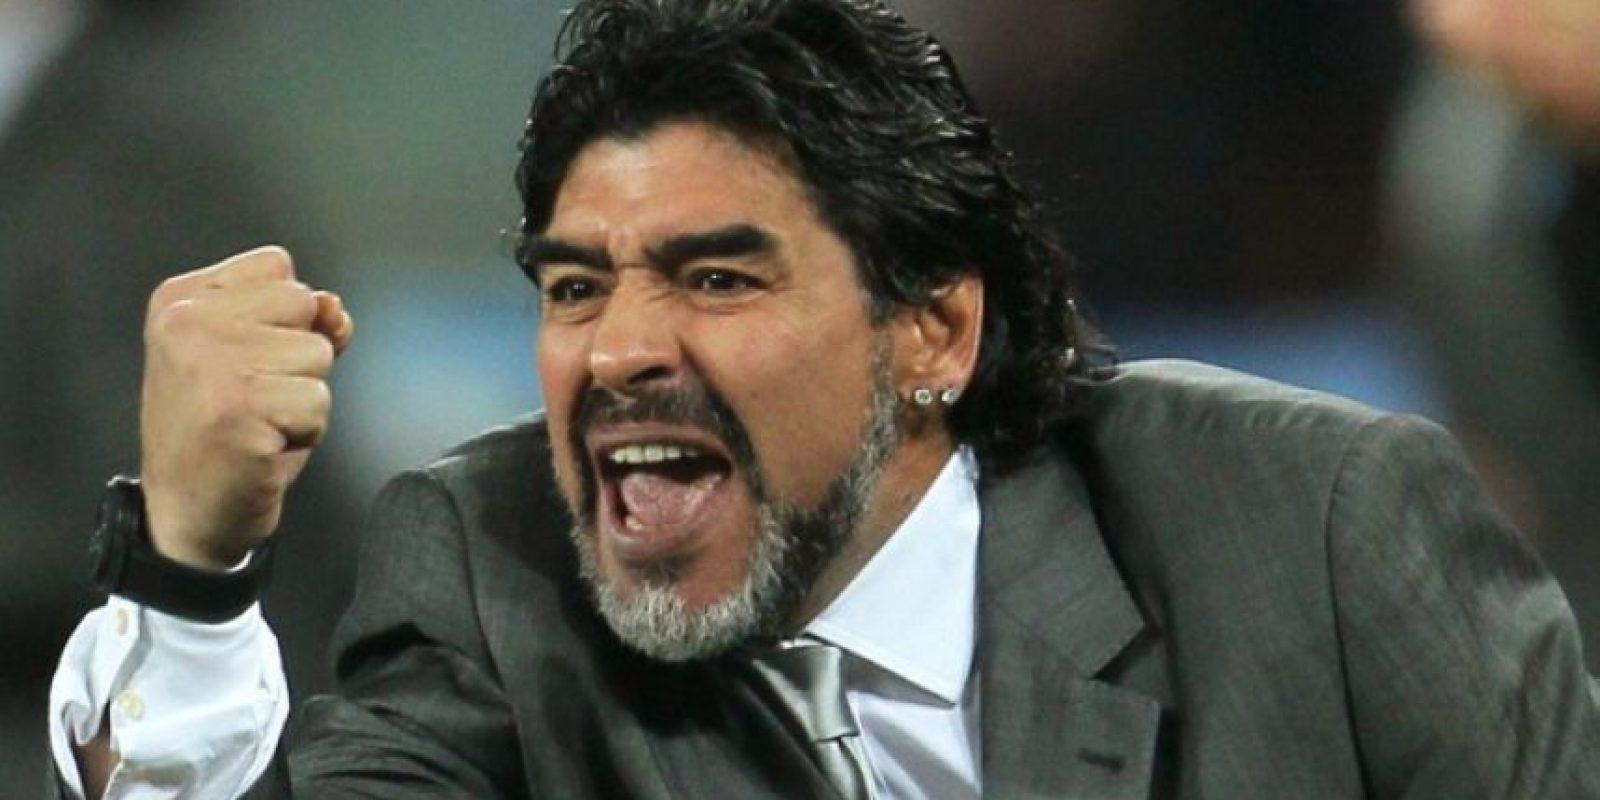 1- Diego Maradona. Junto a Pelé, es uno de los más grandes futbolistas de la historia. Este argentino, fue ganador del Mundial México 1986, en el cual fue elegido Balón de Oro, por el protagonismo que tuvo en en el triunfo de Argentina ante Inglaterra, rival deportivo y político, anotando primero un gol –con la mano–, y luego uno de los goles más bellos de los mundiales. Fue figura en el Napoli y lo sacó campeón de Italia. Foto:Fuente externa